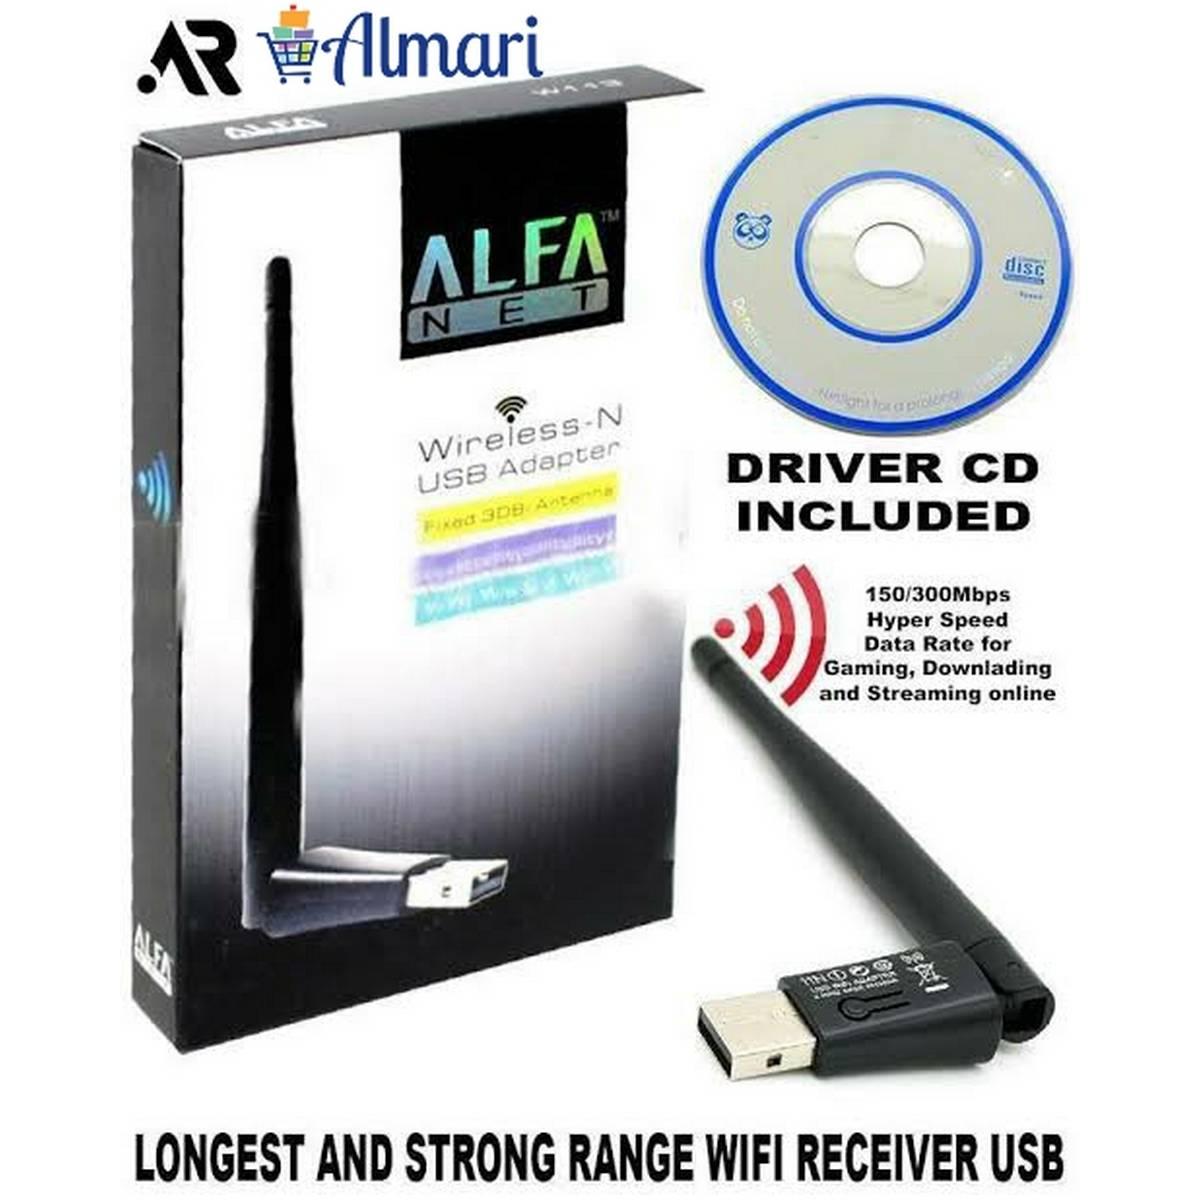 Alfa Wifi Net Wireless-N USB Adapter Fixed 3DBi Antenna Soft AP Wifi Utility For Windows For PC